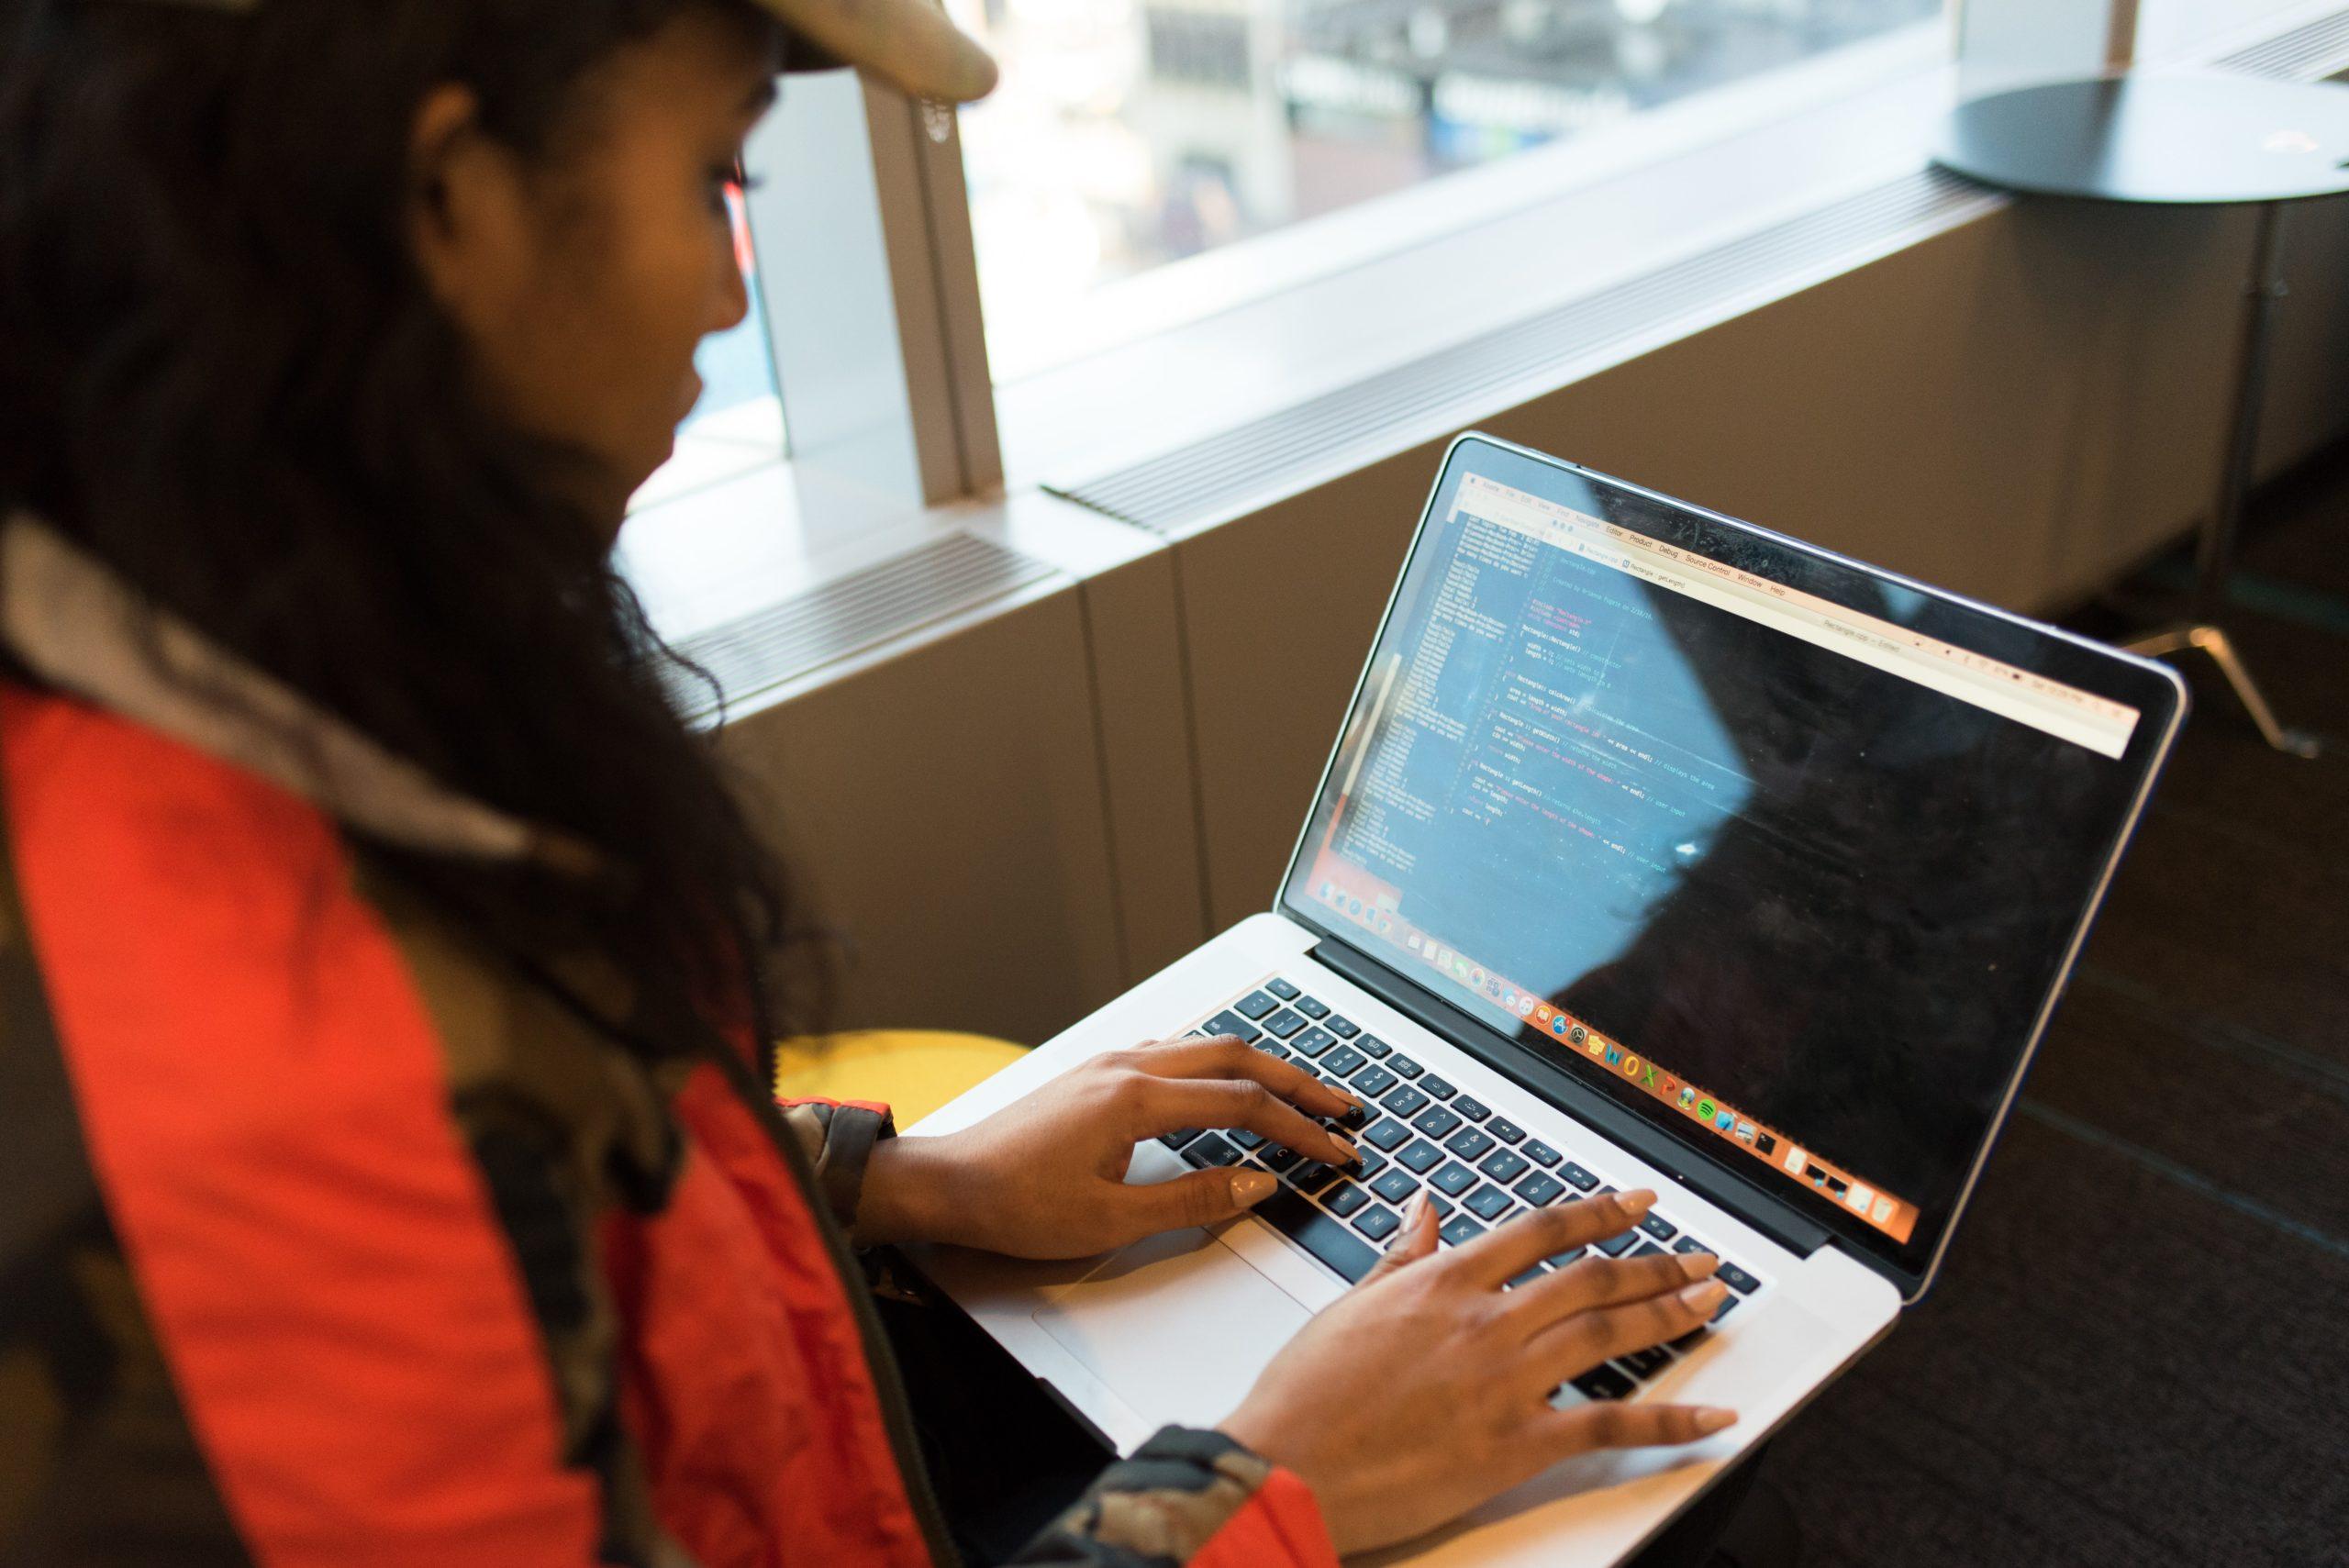 Girl learning online programming